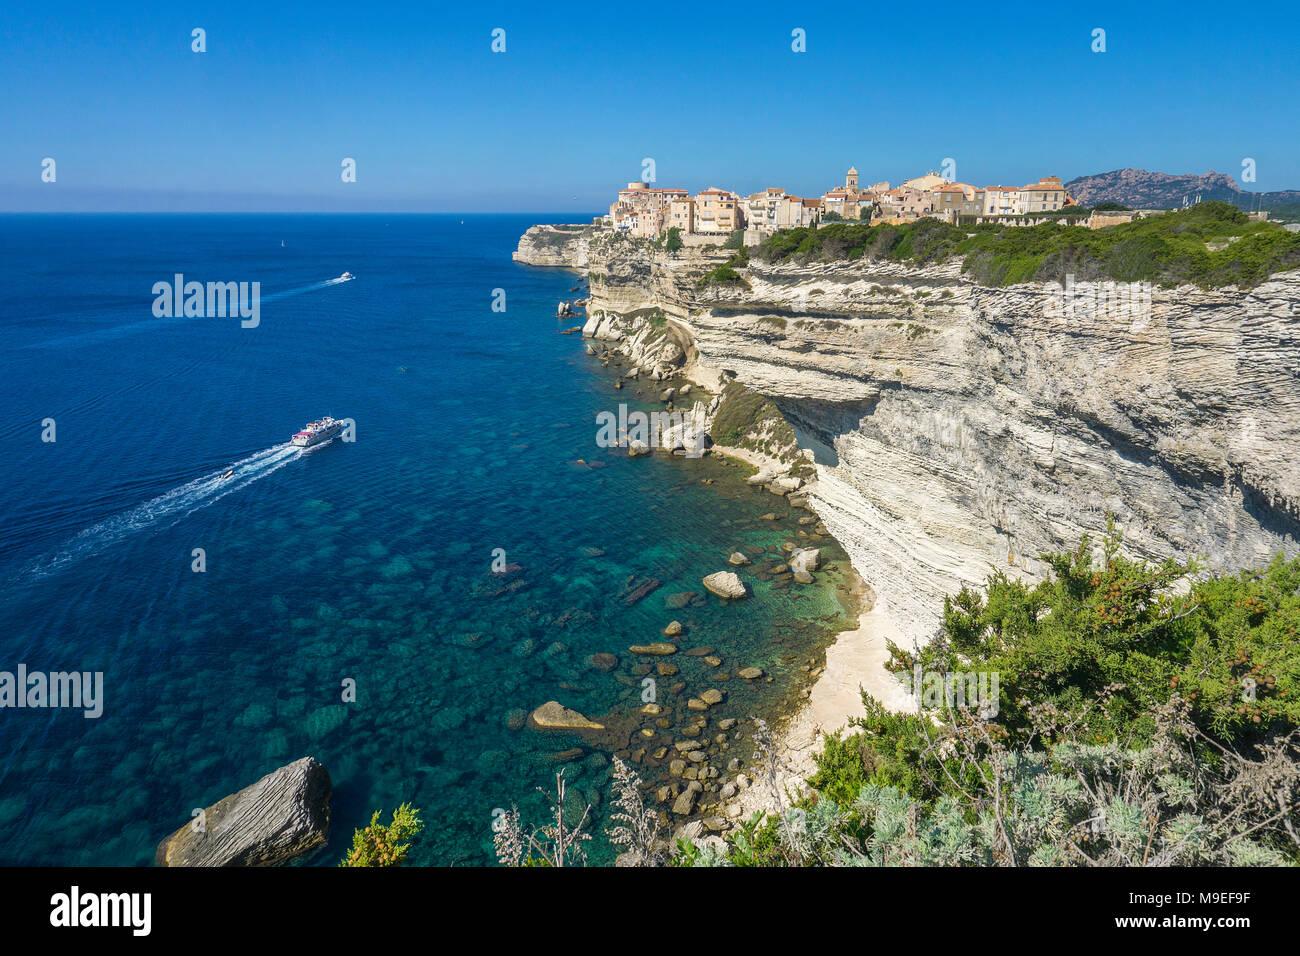 Zitadelle und der oberen Stadt Bonifacio, erbaut auf einer Klippe chalkstone, Korsika, Frankreich, Mittelmeer, Europa Stockbild